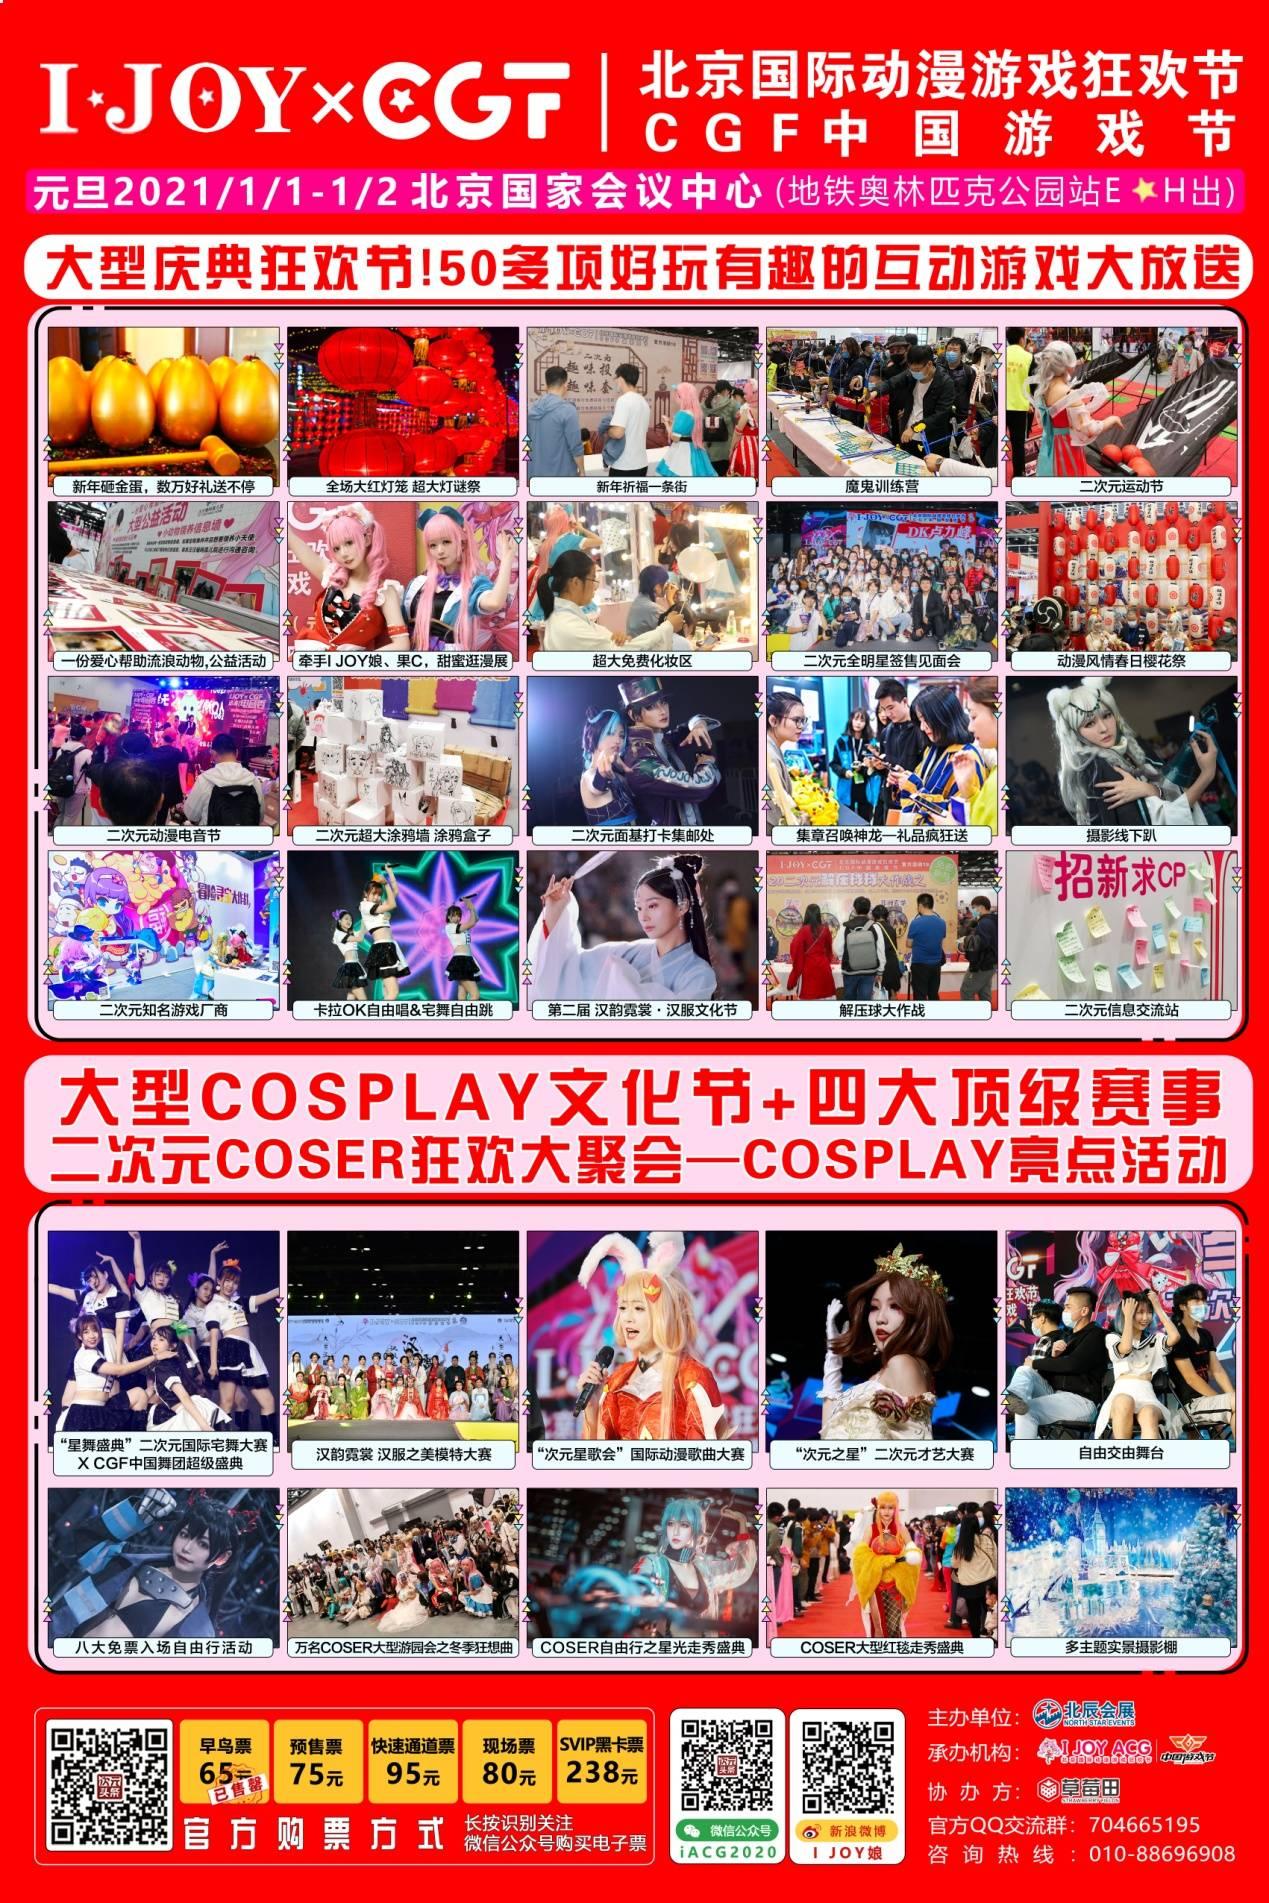 元旦IJOY × CGF北京大型动漫游戏狂欢节 和小伙伴们相约北京国家会议中心 展会活动-第4张